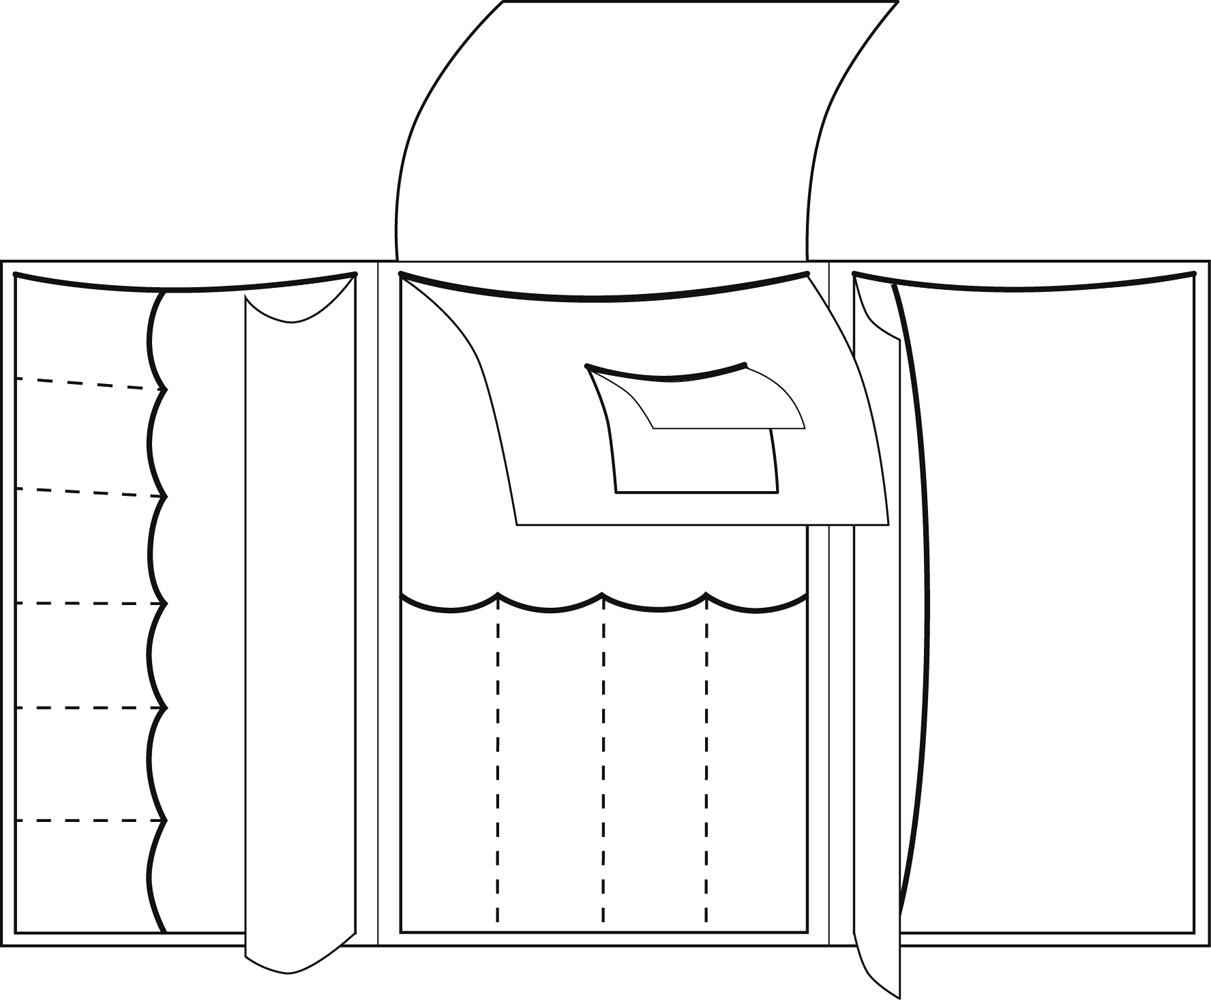 ChrisDESIGN Nadeltasche LIE, optimal für Schraubsysteme, Farbe schwarz/gelborange